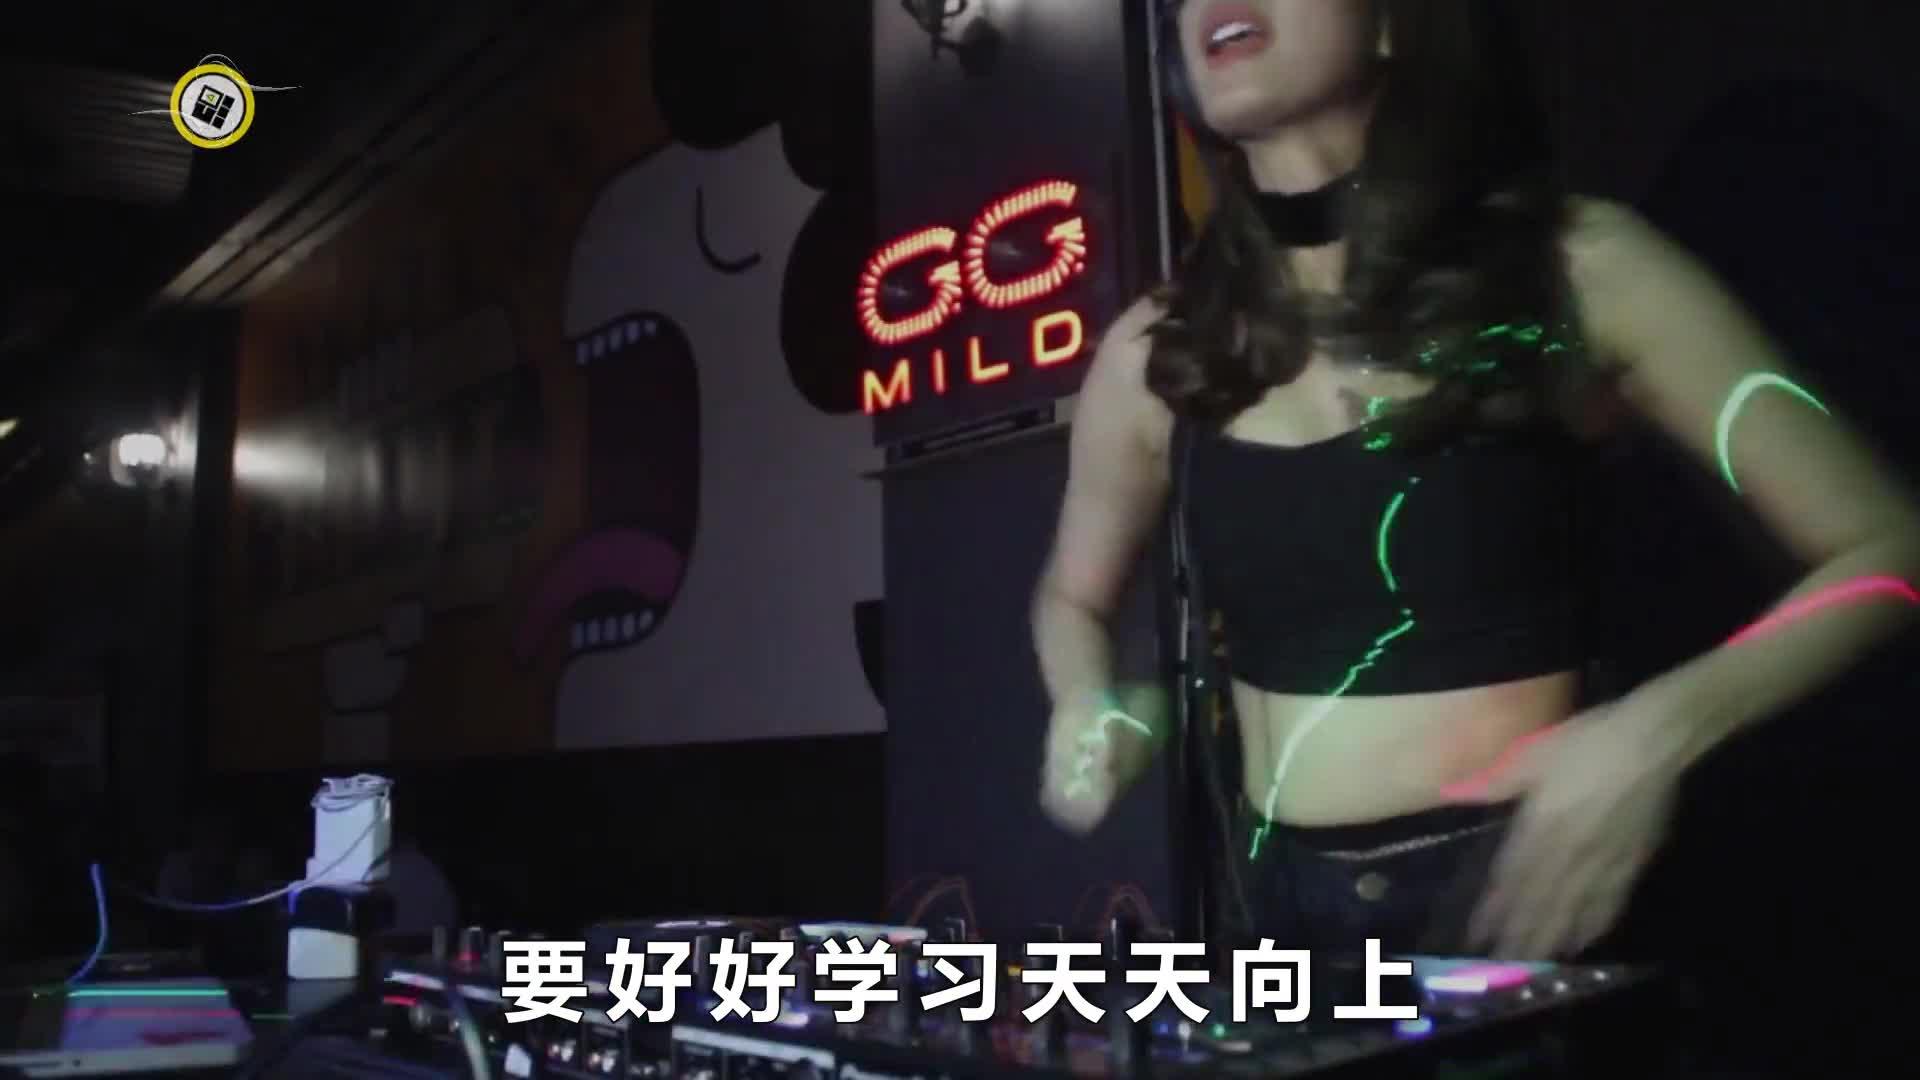 沿音坊DJ舞曲《一生》感慨和忧伤超好听